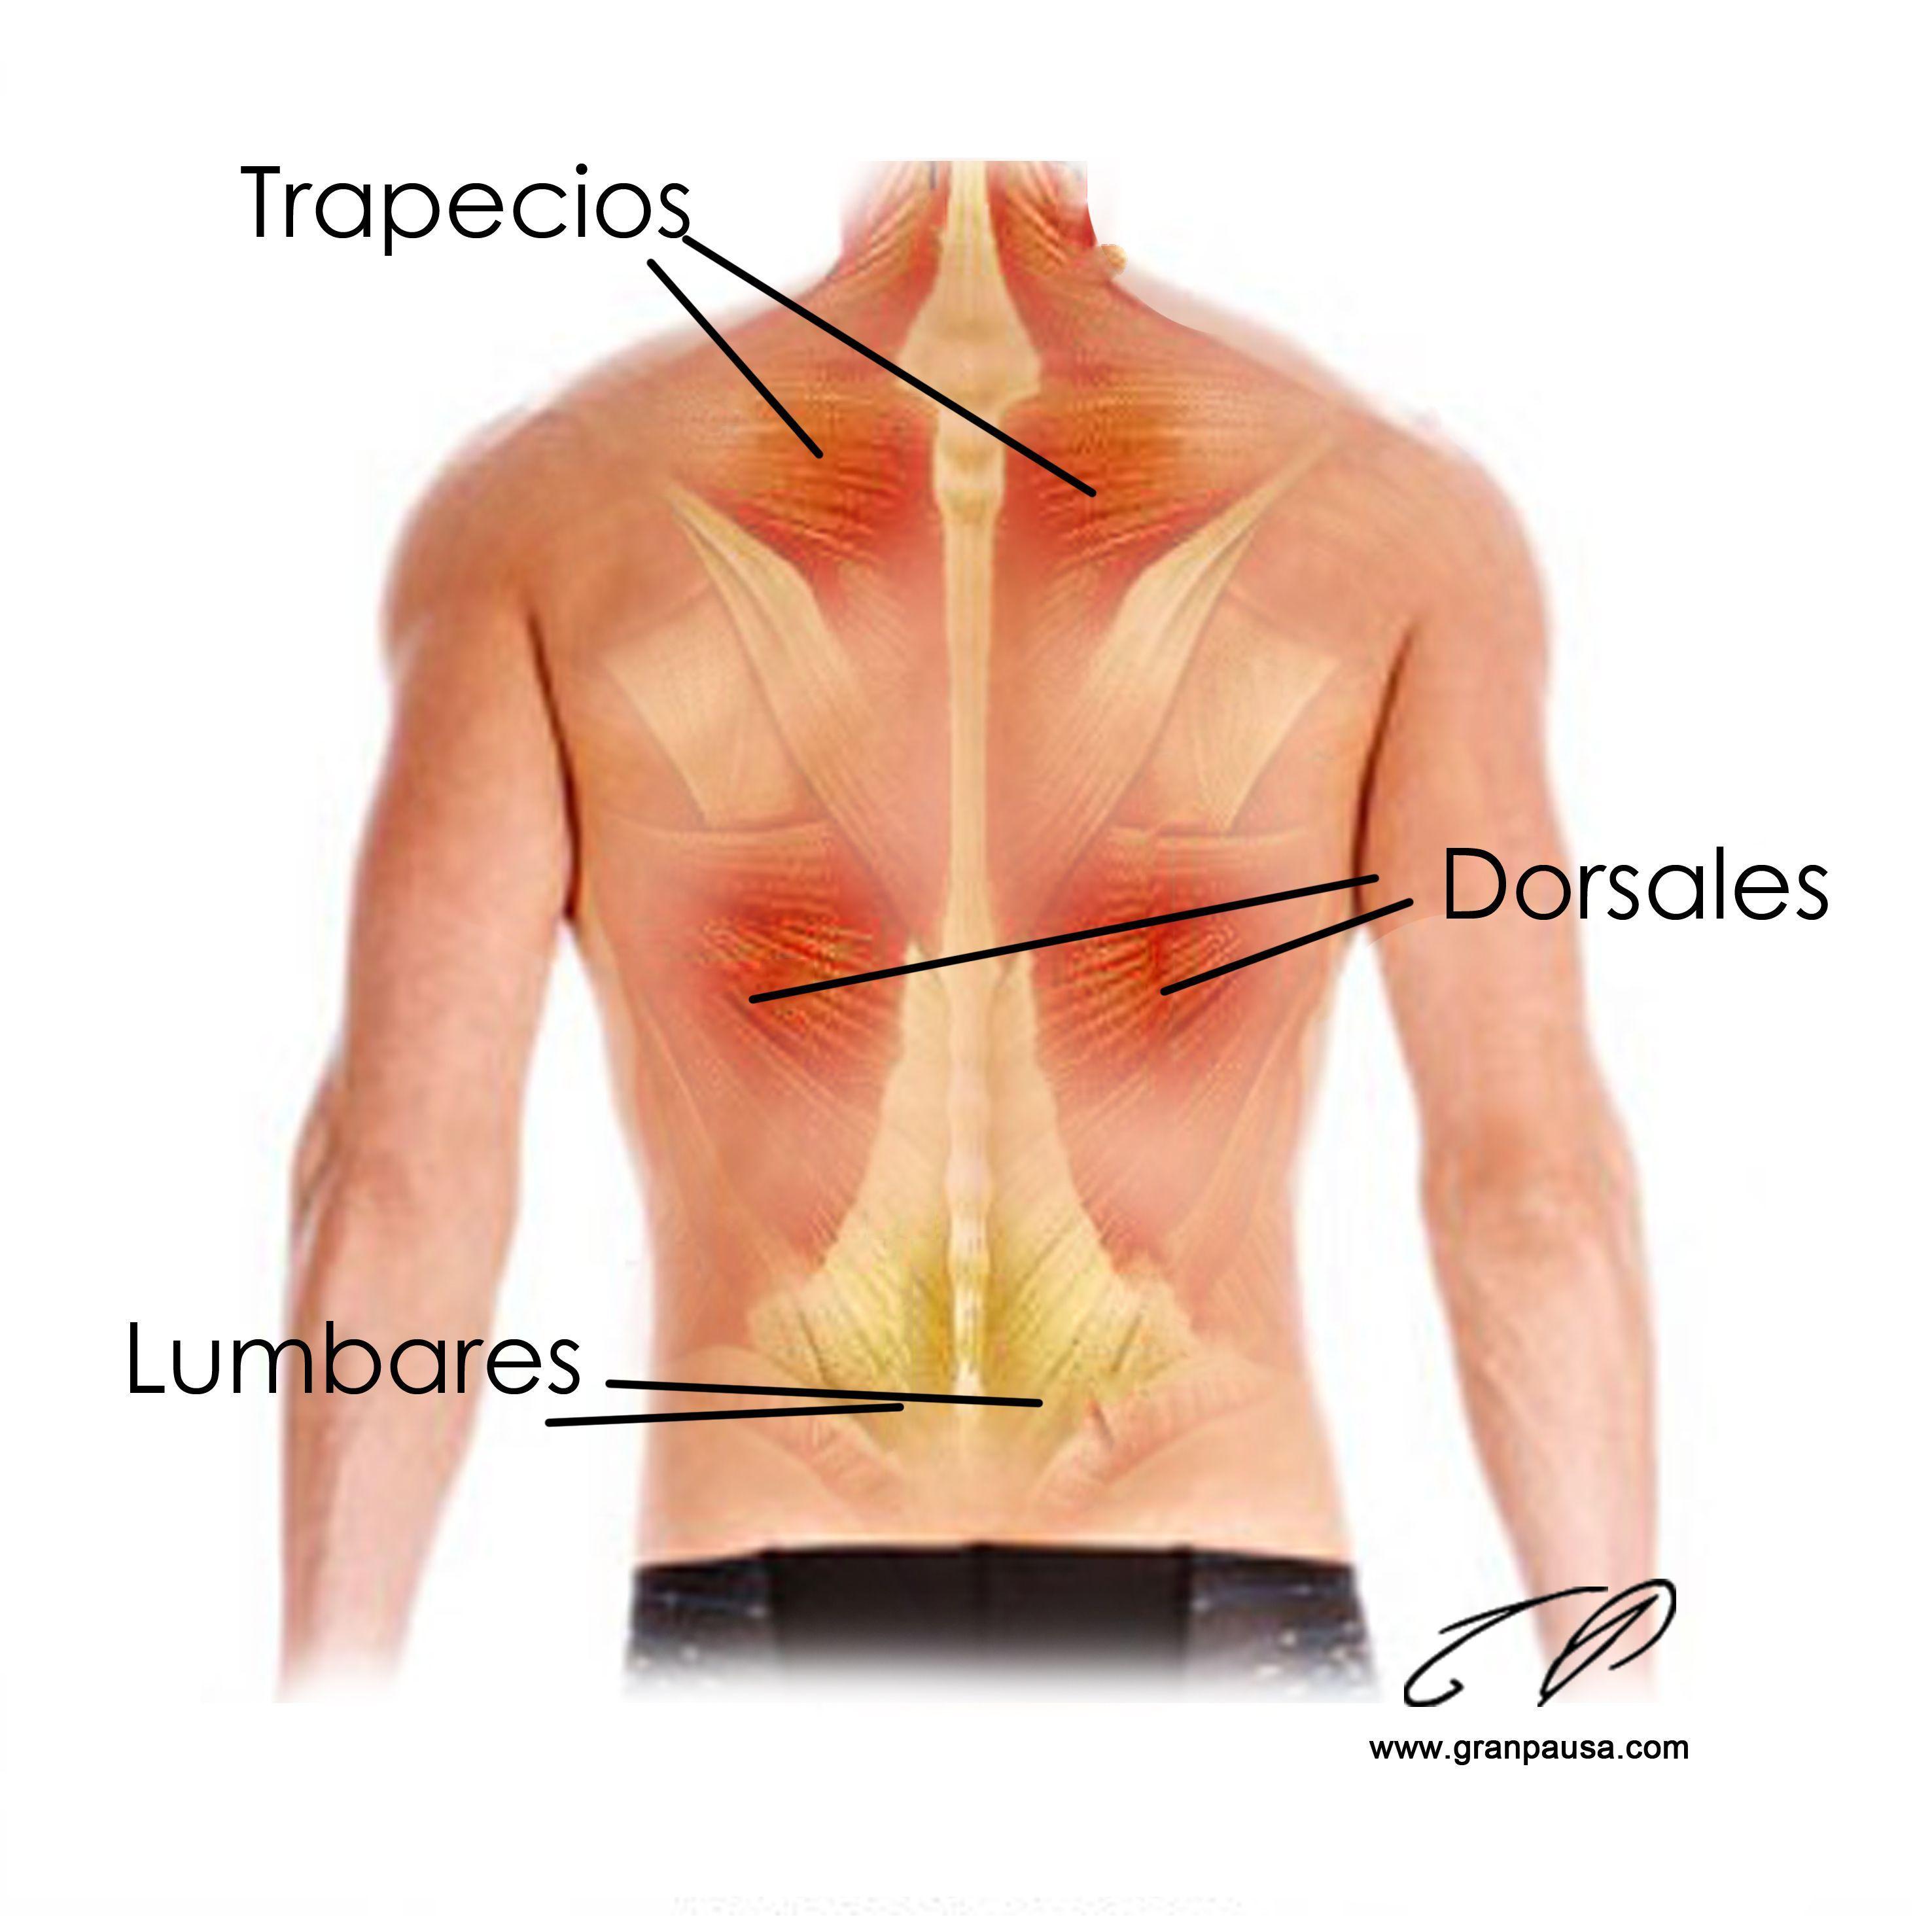 La compresa que calienta al dolor en la espalda